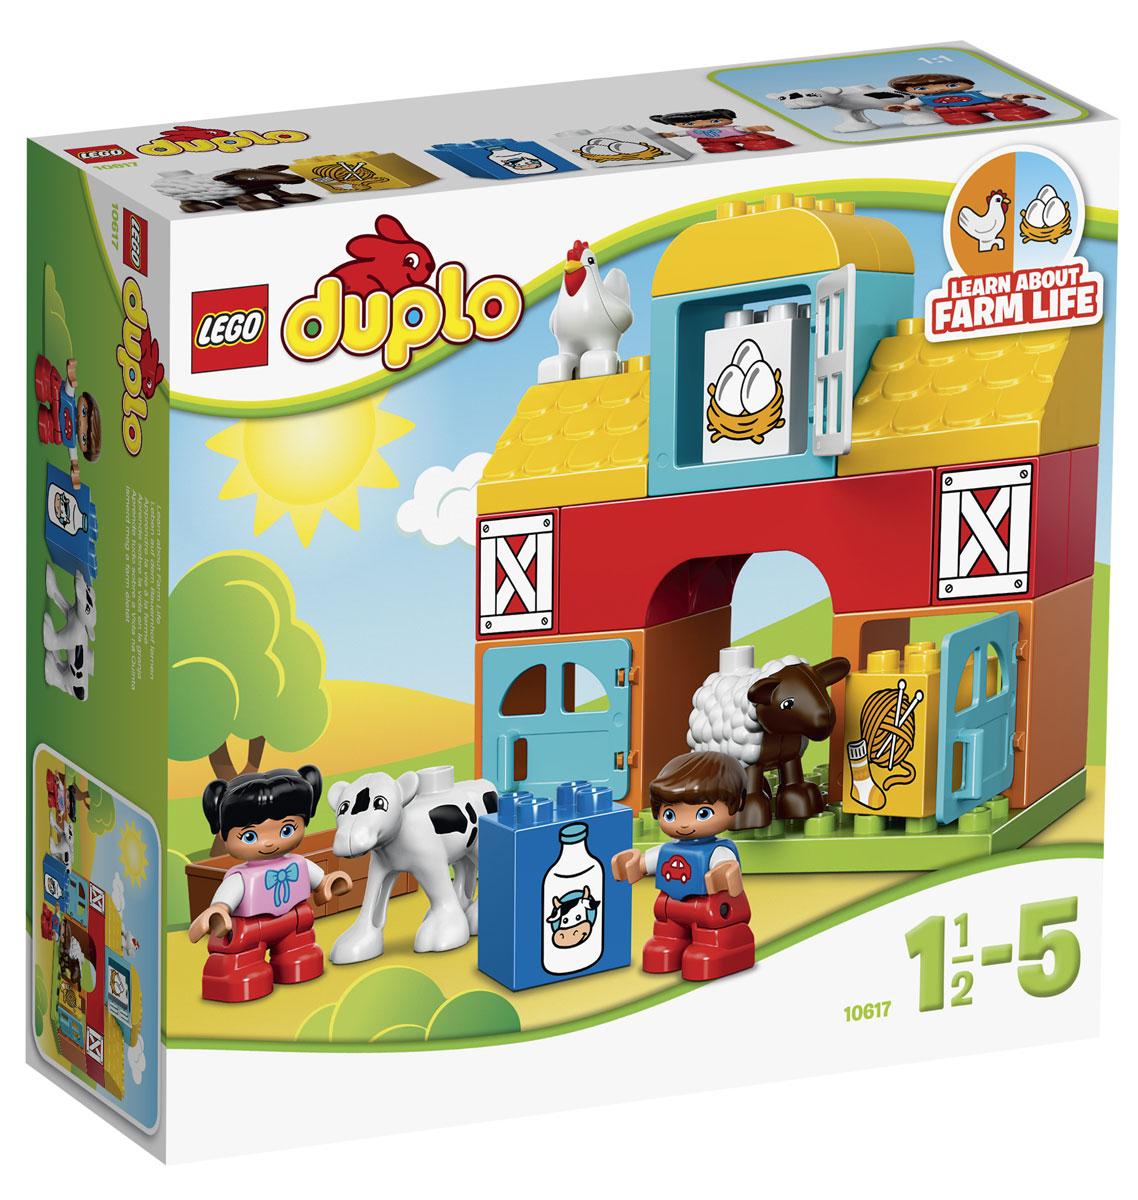 LEGO DUPLO Конструктор Моя первая ферма 10617